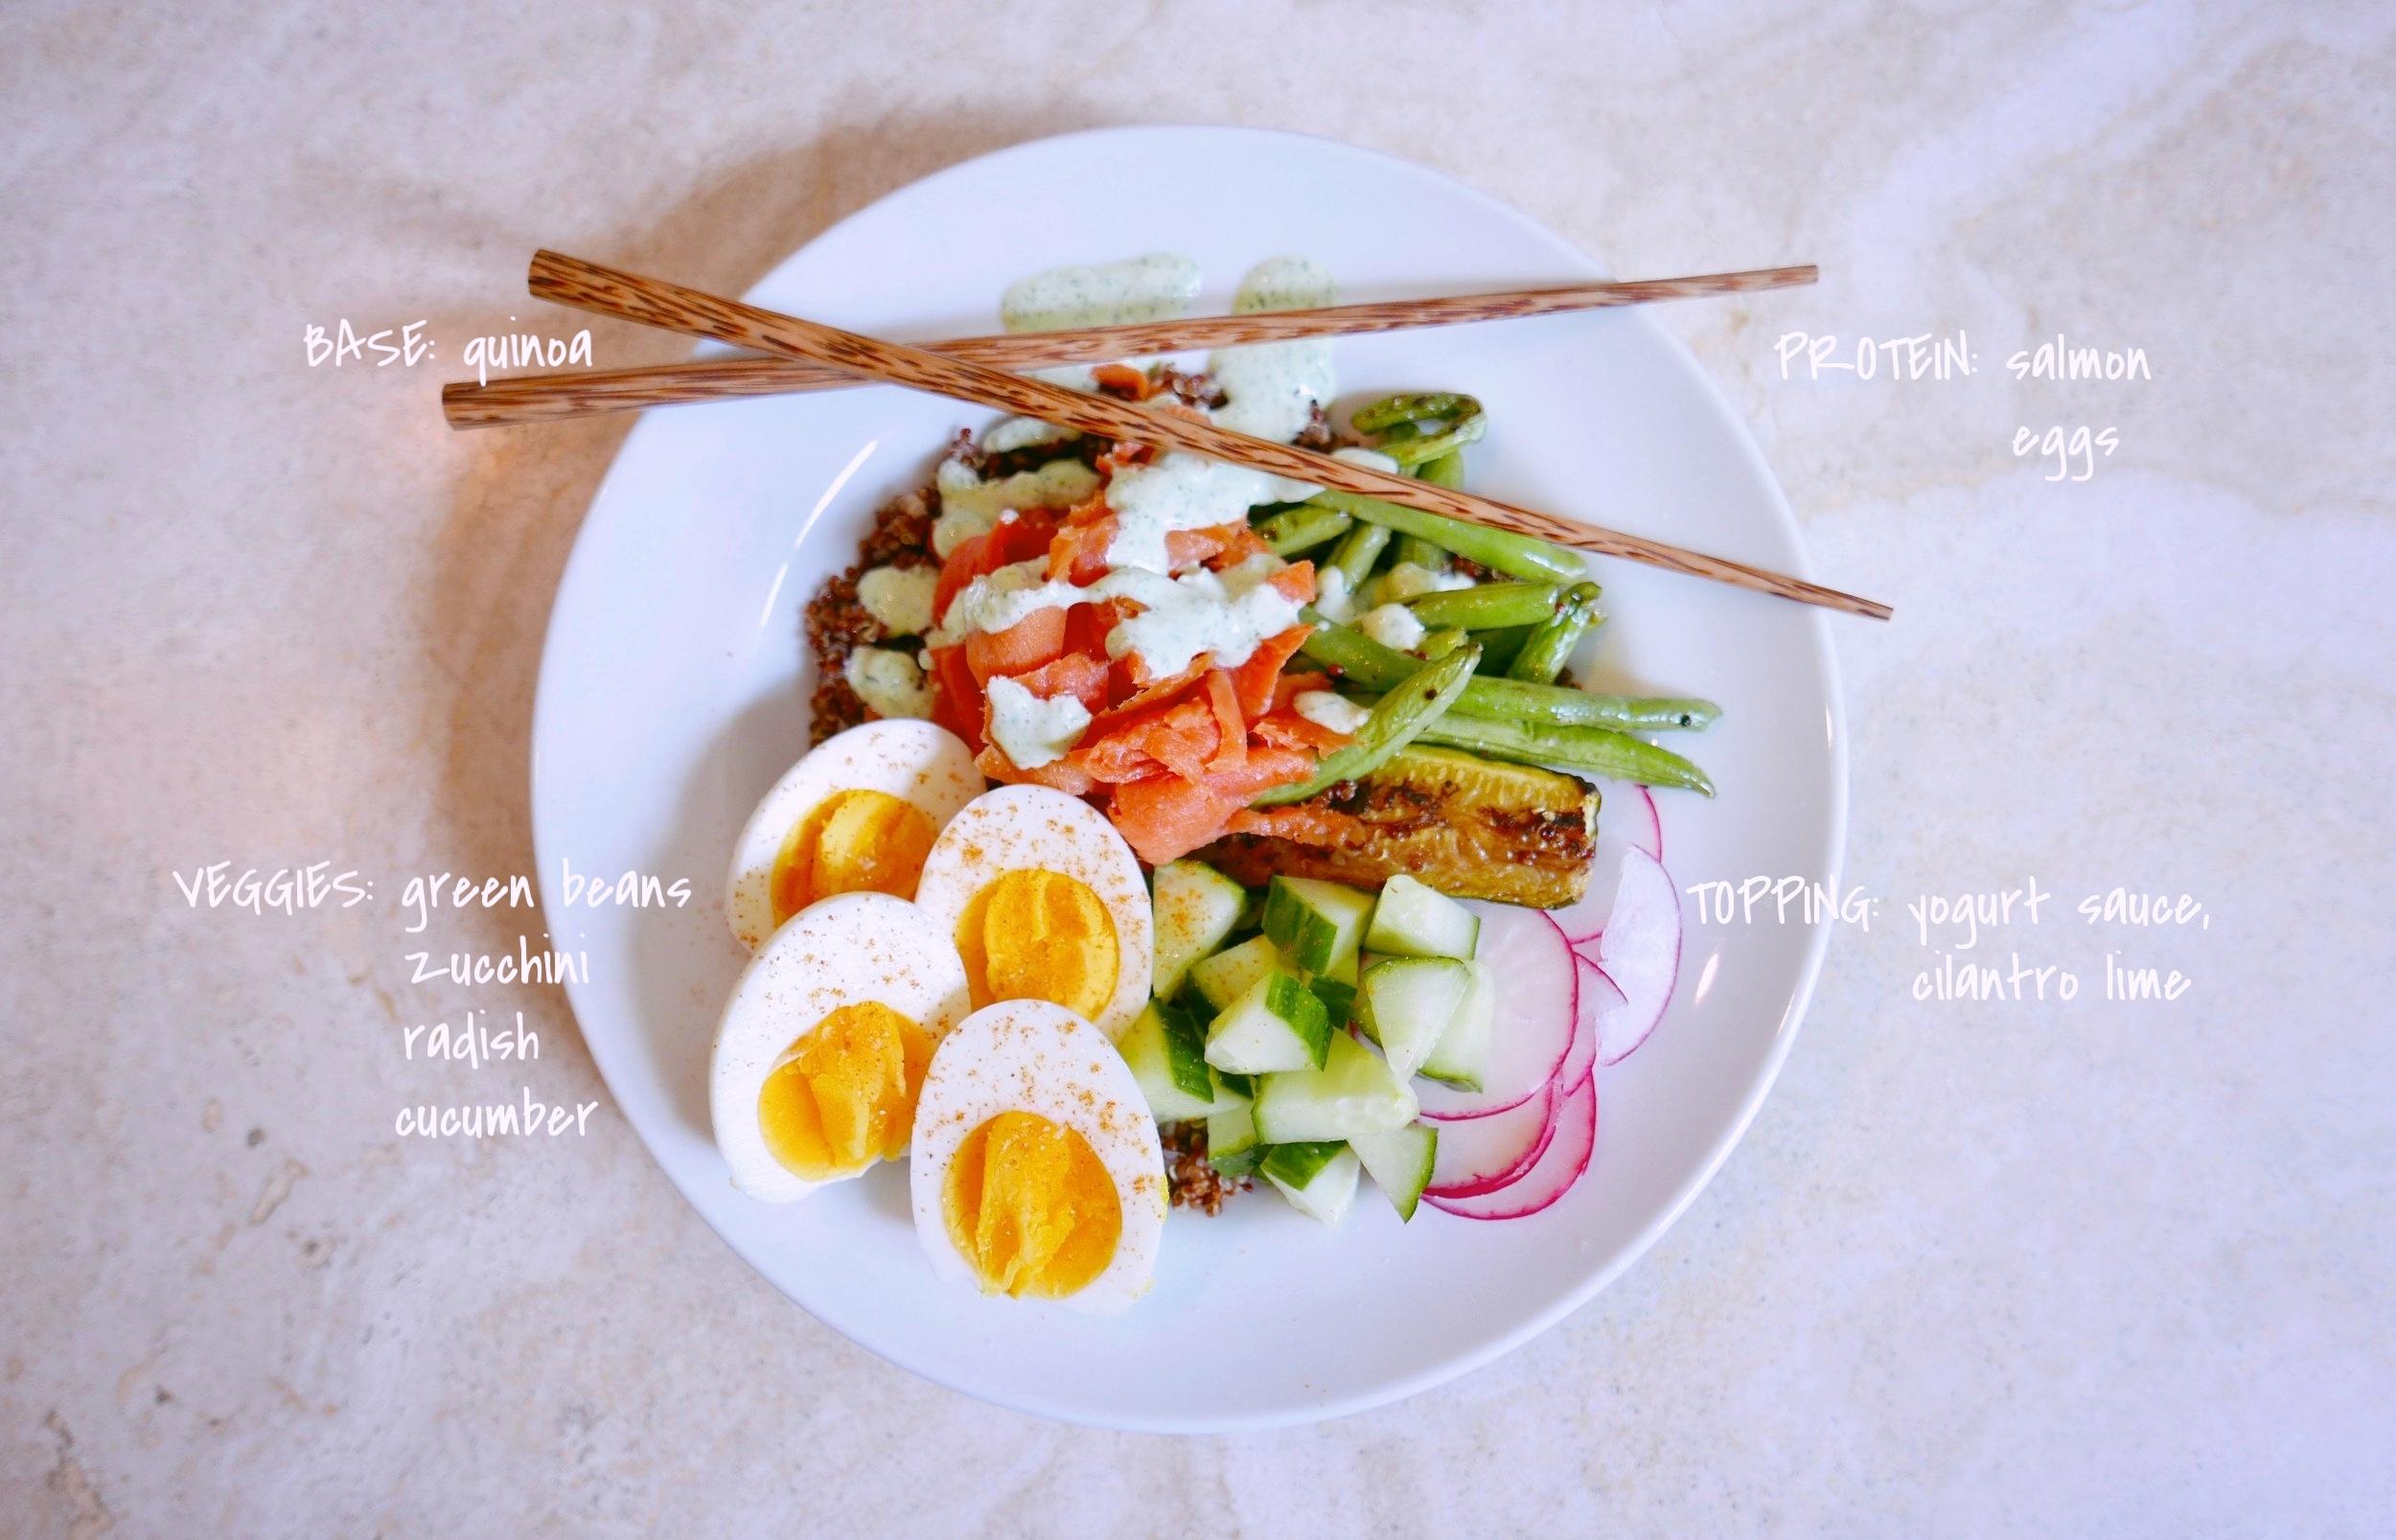 Salmon Breakfast Plate